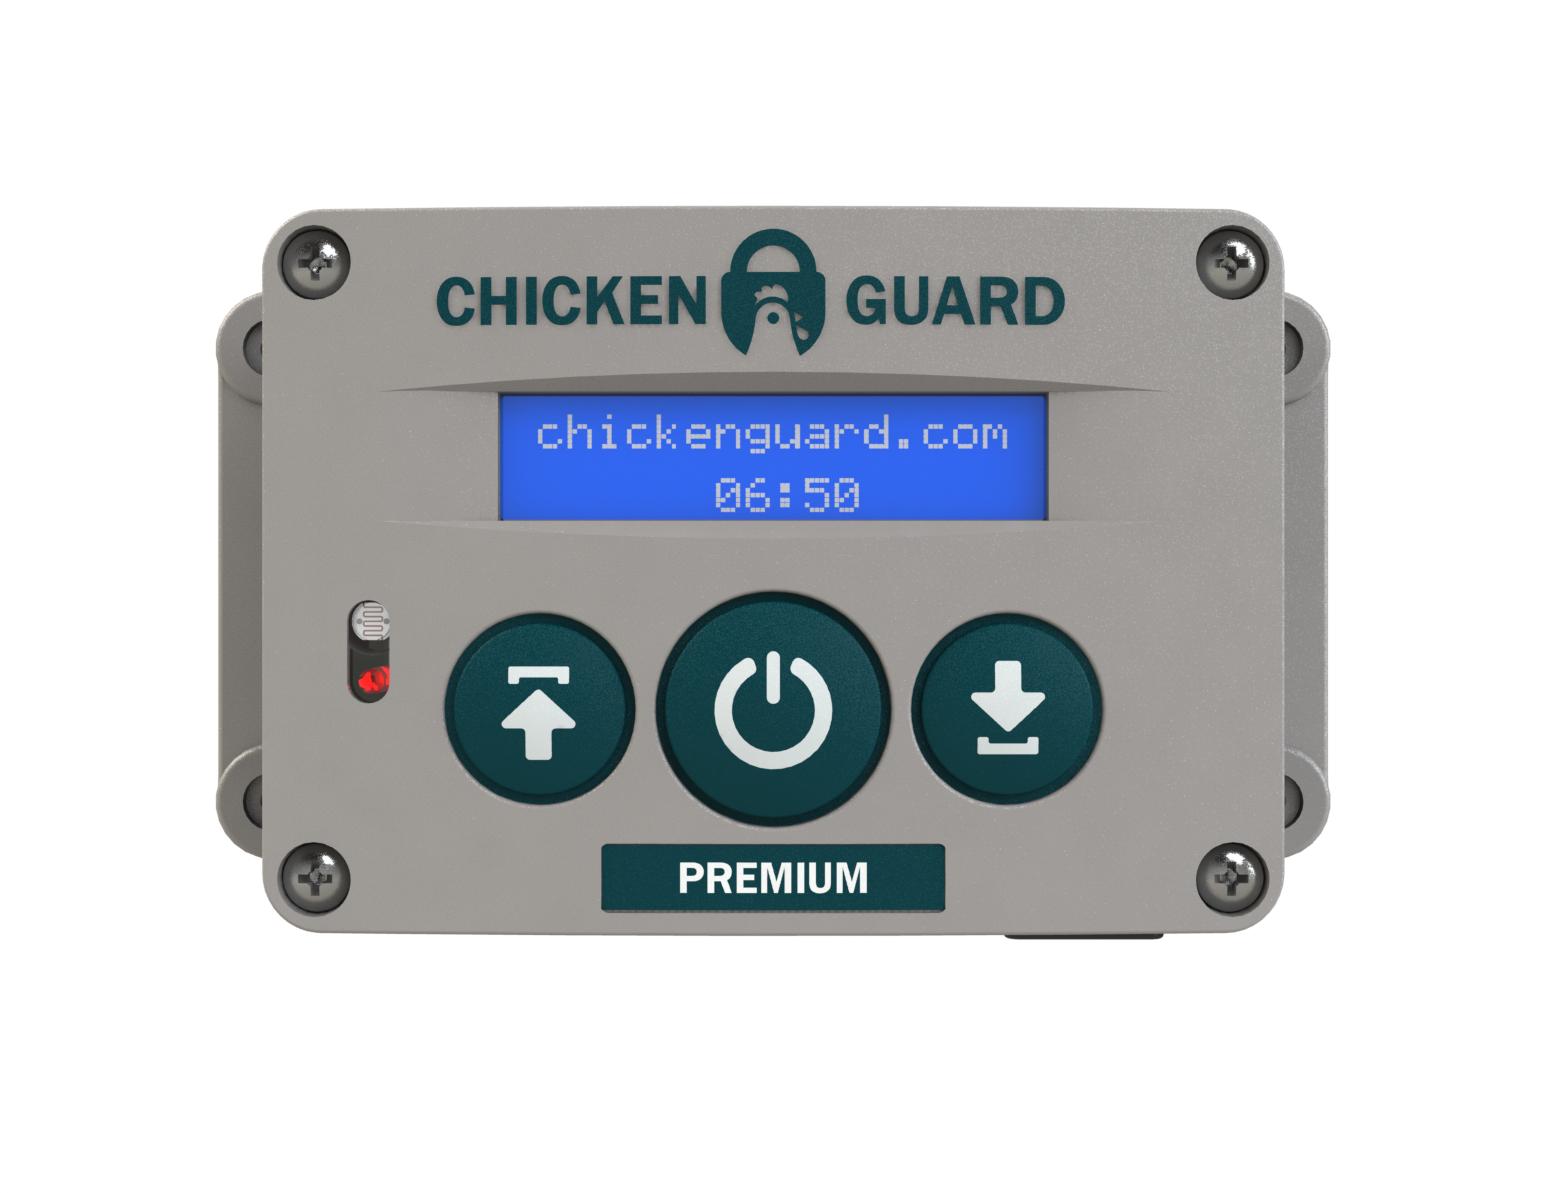 Chickenguard Door Opener - Premium Version